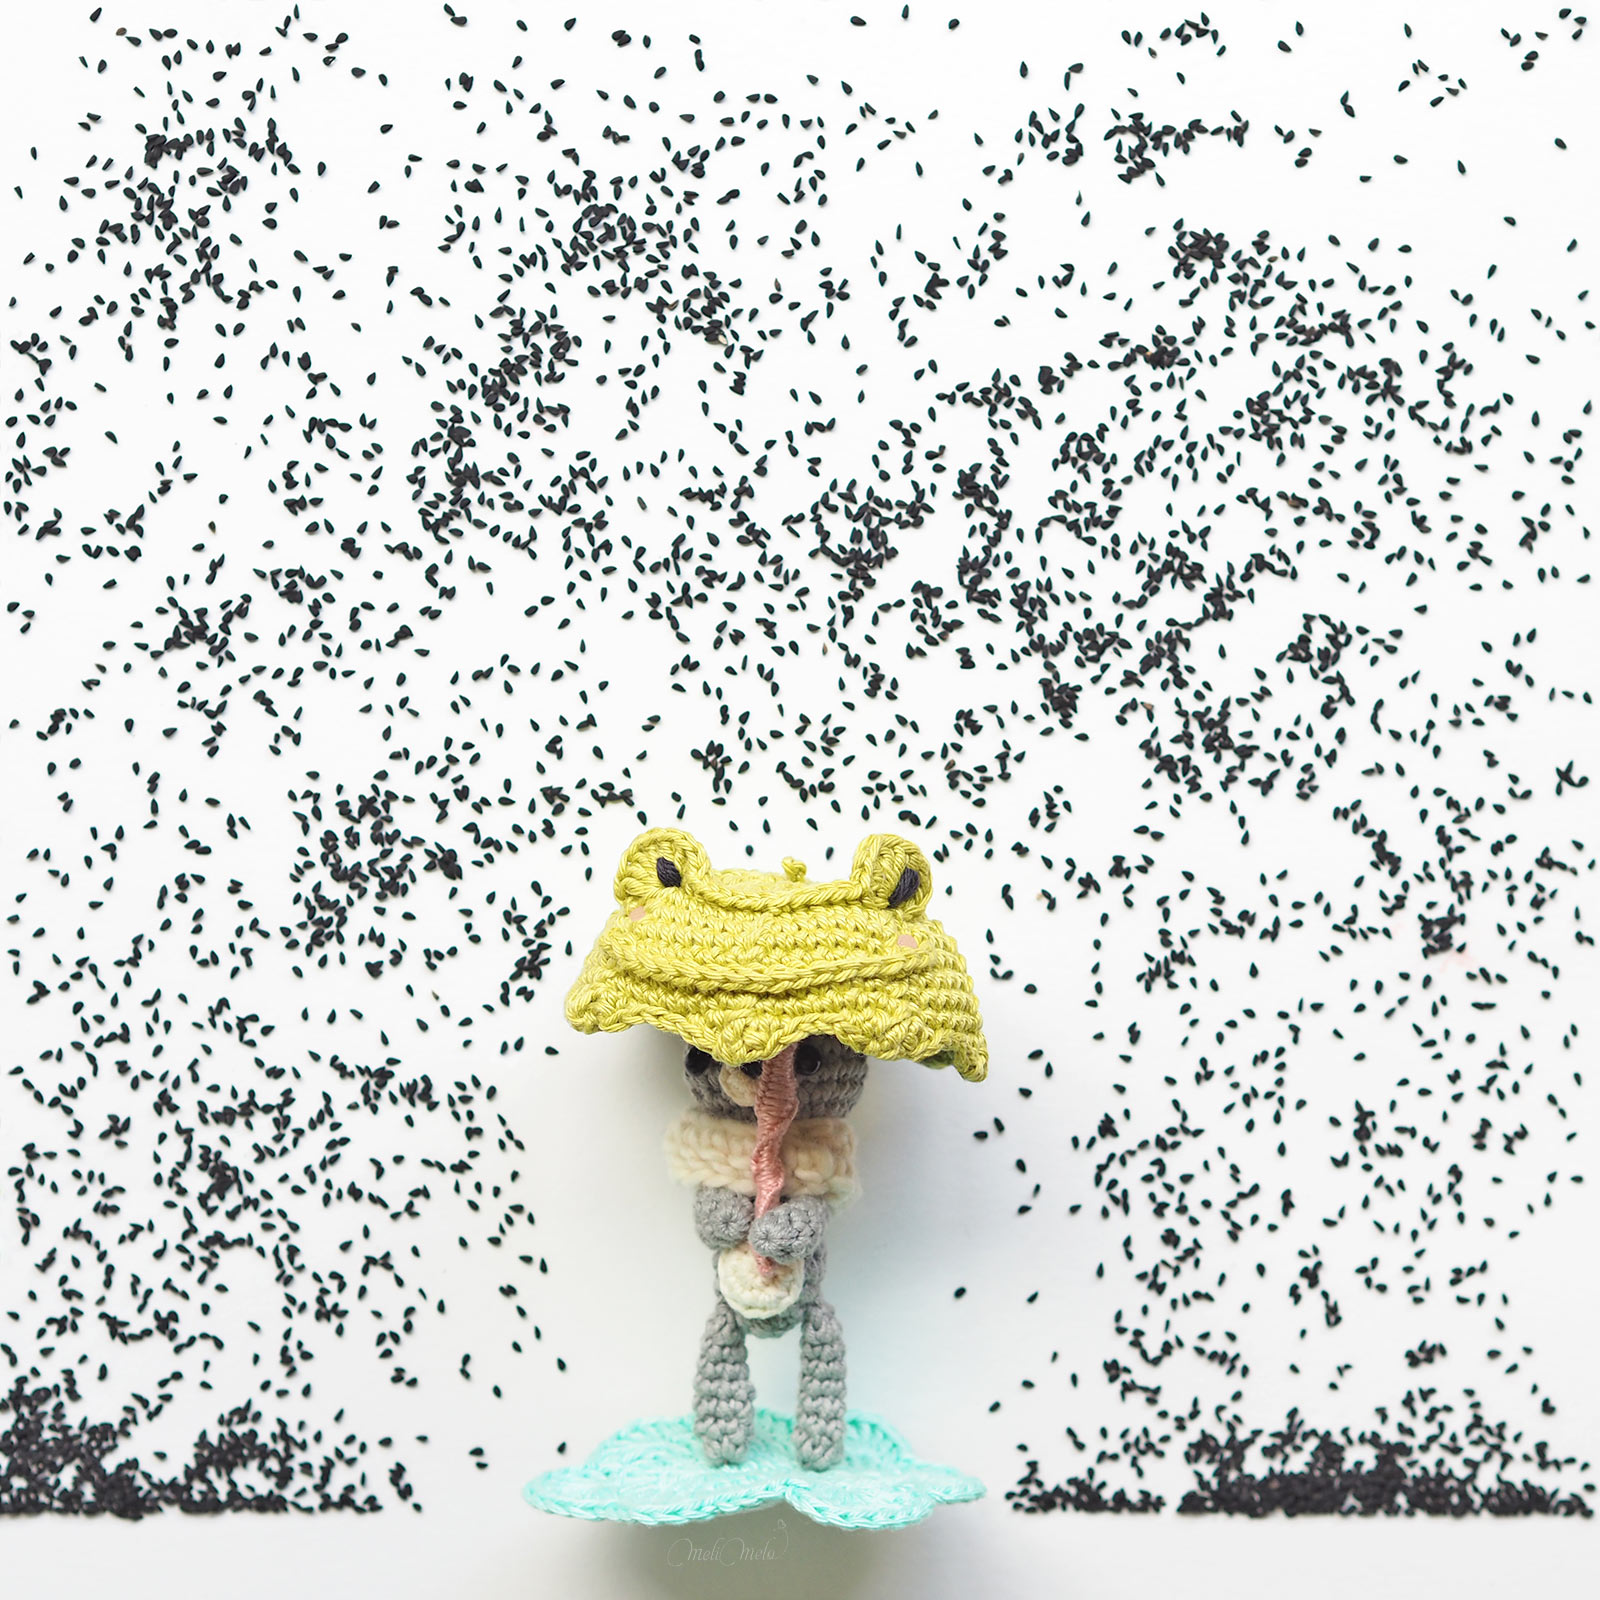 crochet tiny teddy parapluie fête grenouille créations mignonneries serial crocheteuses 421 Catona Scheepjes laboutiquedemelimelo